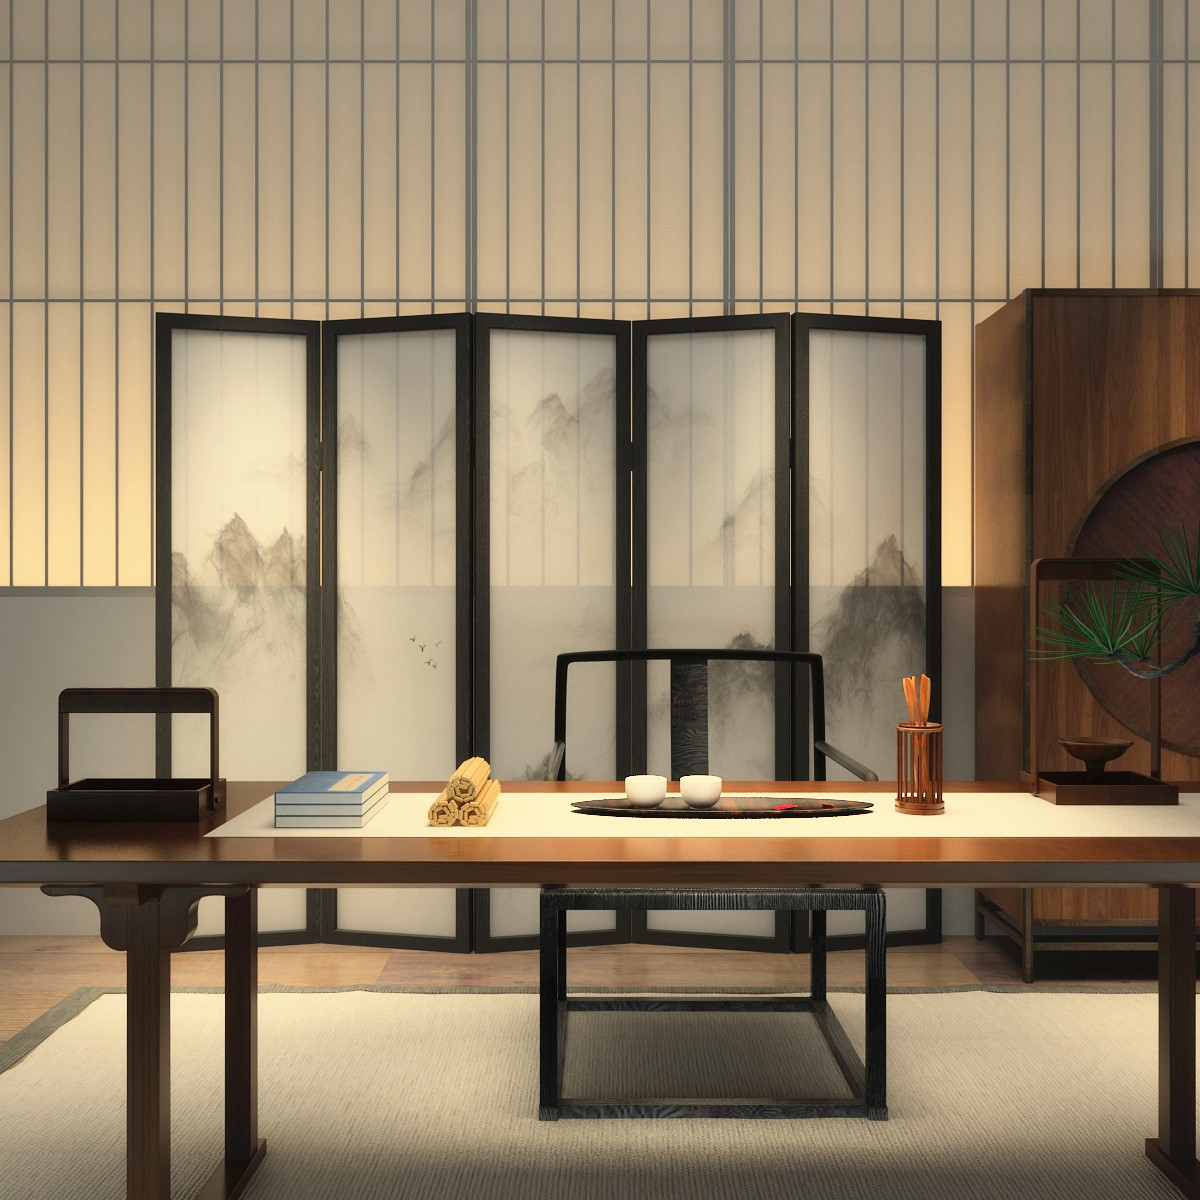 中式屏风隔断简约现代时尚客厅酒店卧室实木玄关半透抽象山水折屏